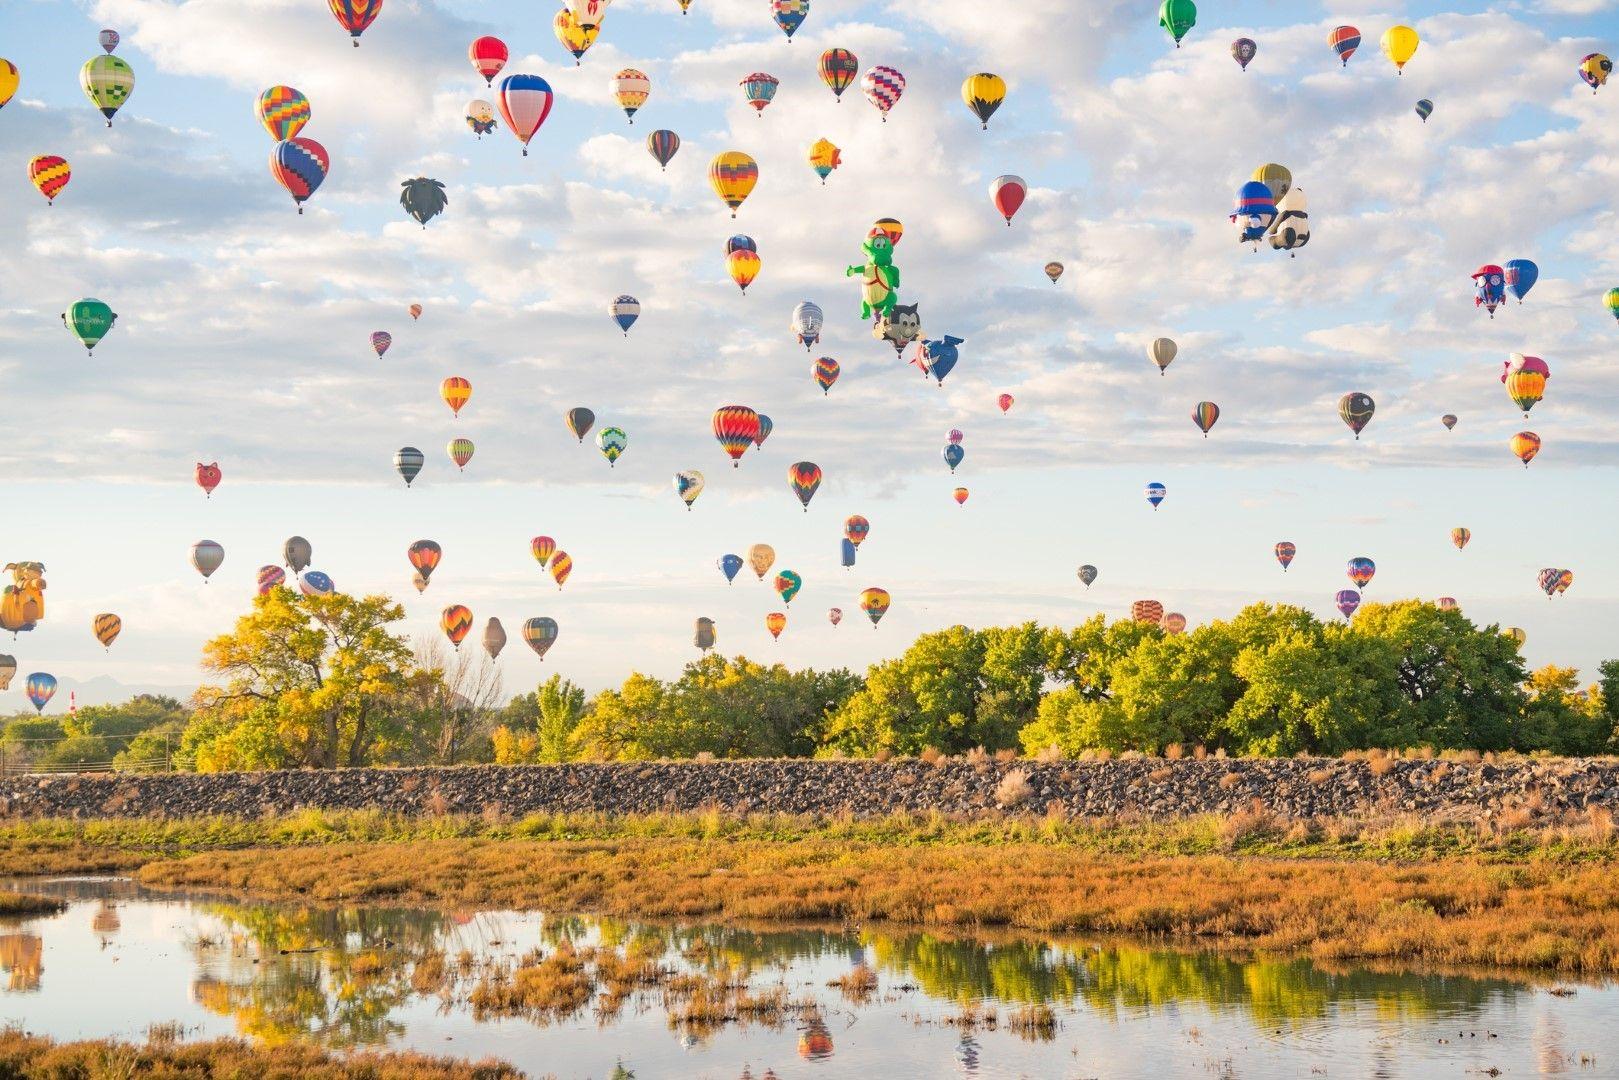 Десетки балони на фестивала в Албъкърки, САЩ